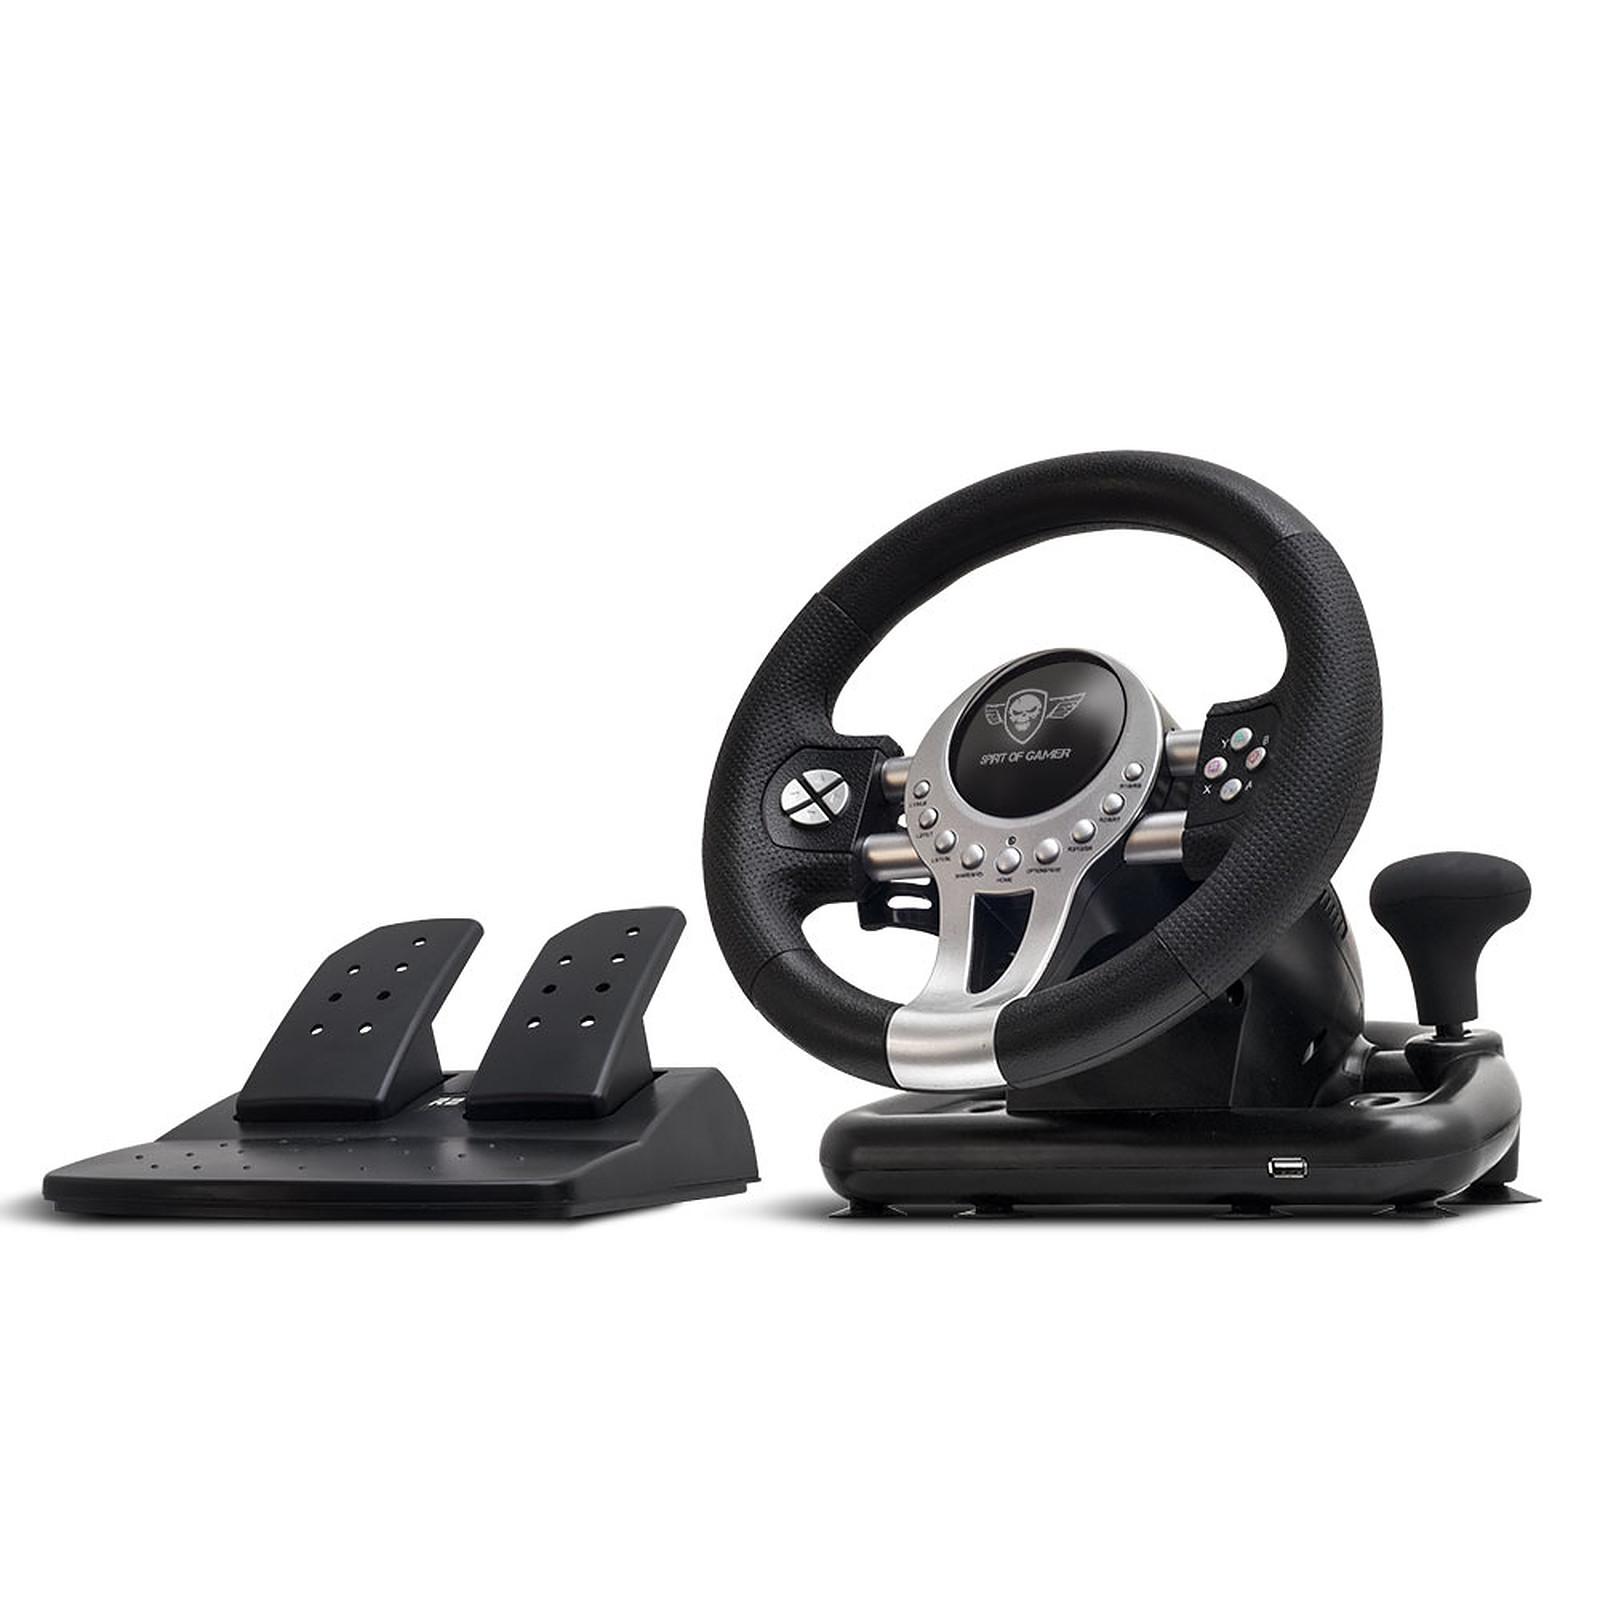 Spirit of Gamer Race Wheel Pro 2